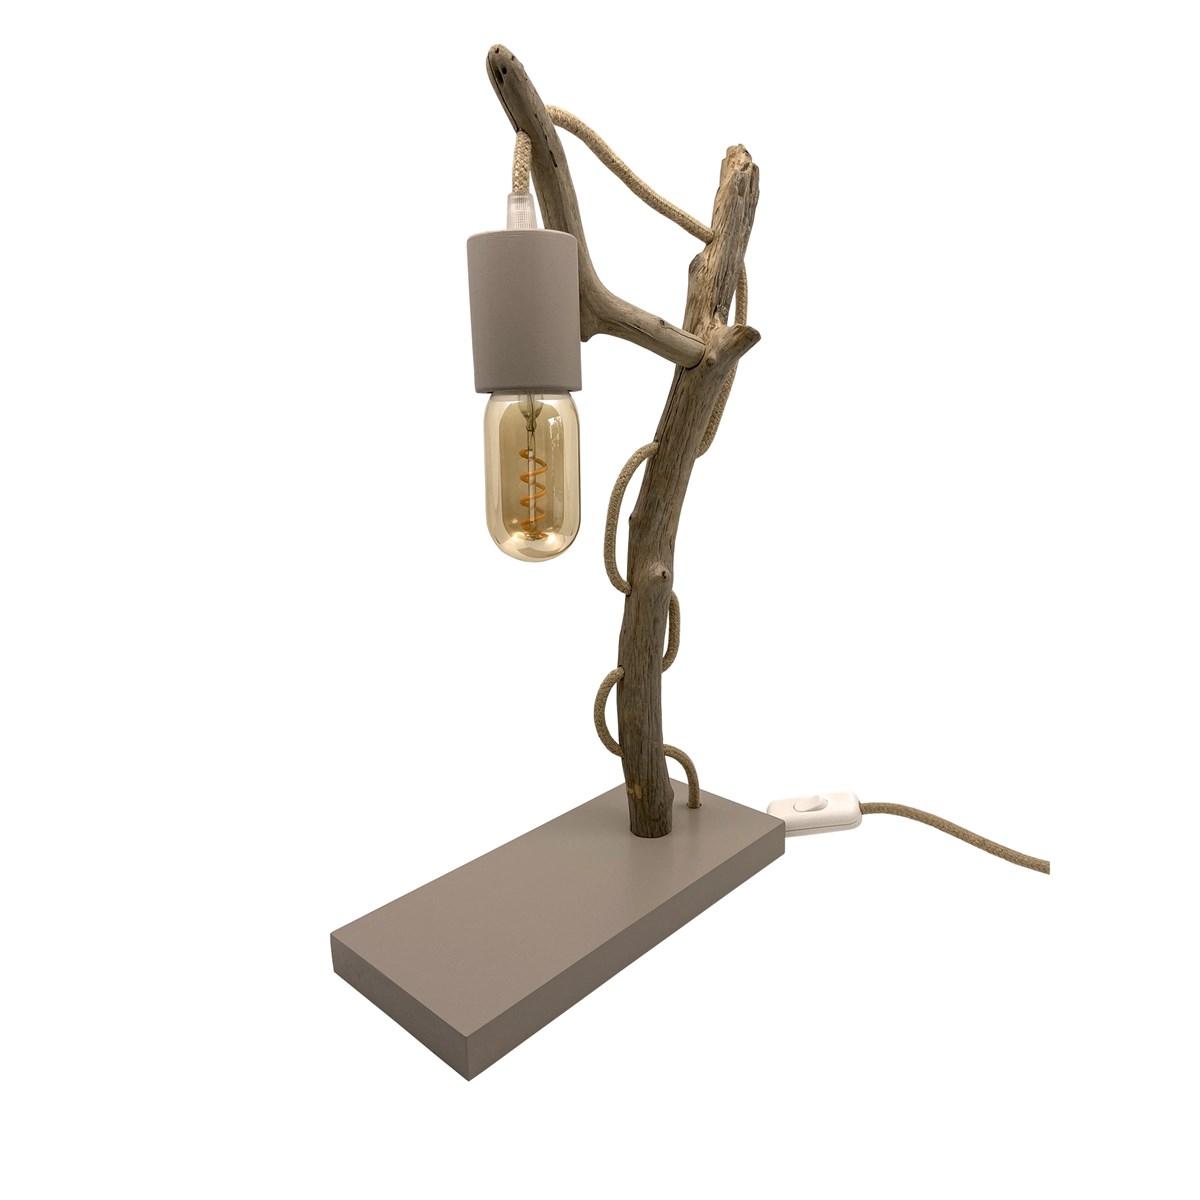 Lampe à poser en bois recyclé taupe